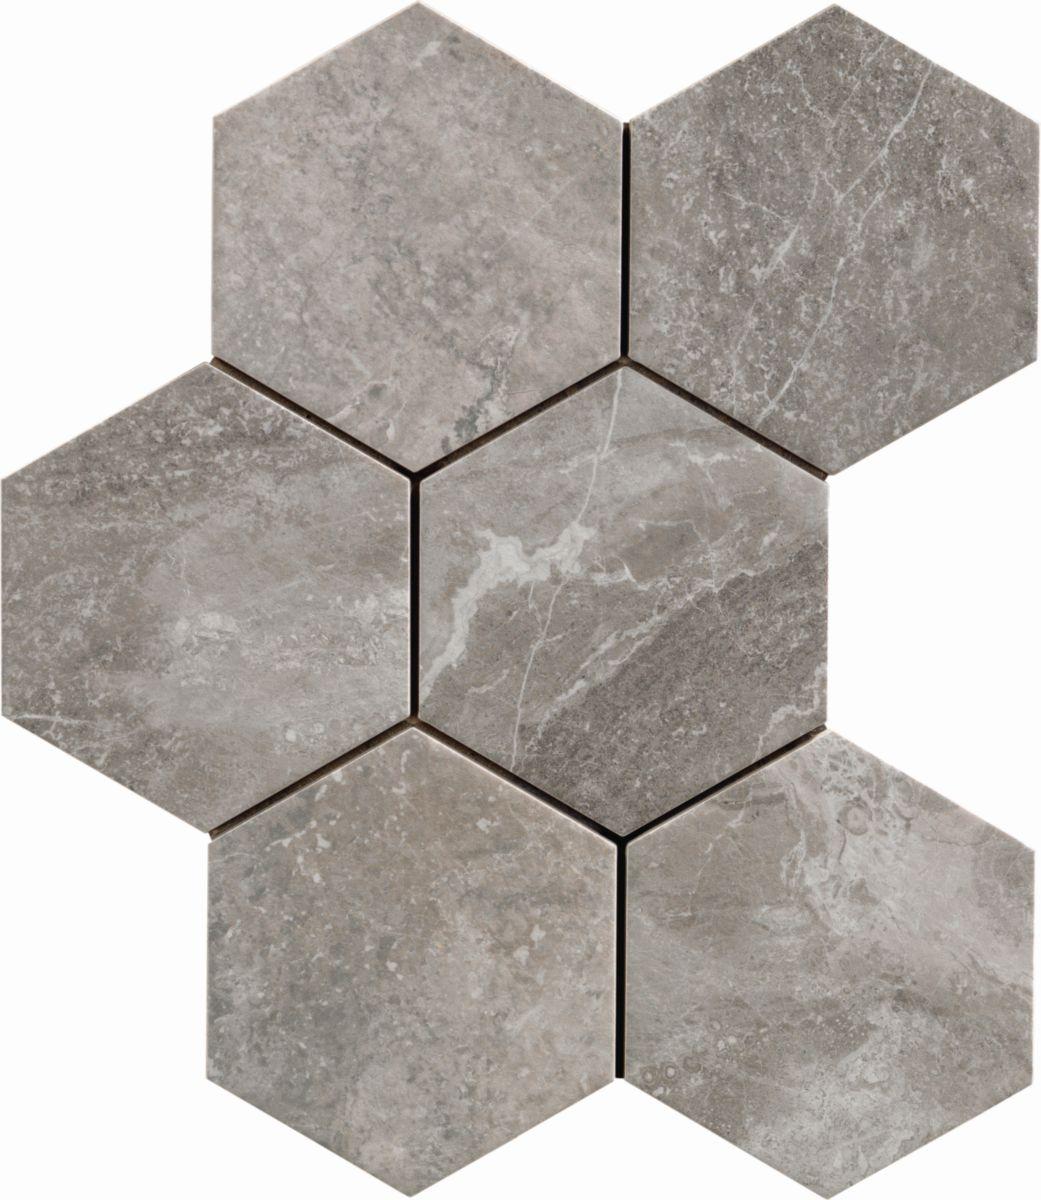 Carrelage Hexagonal Sol Intérieur Grès Cérame Bistrot - Crux Taupe -  21X18,2 Cm concernant Carrelage Sol Hexagonal